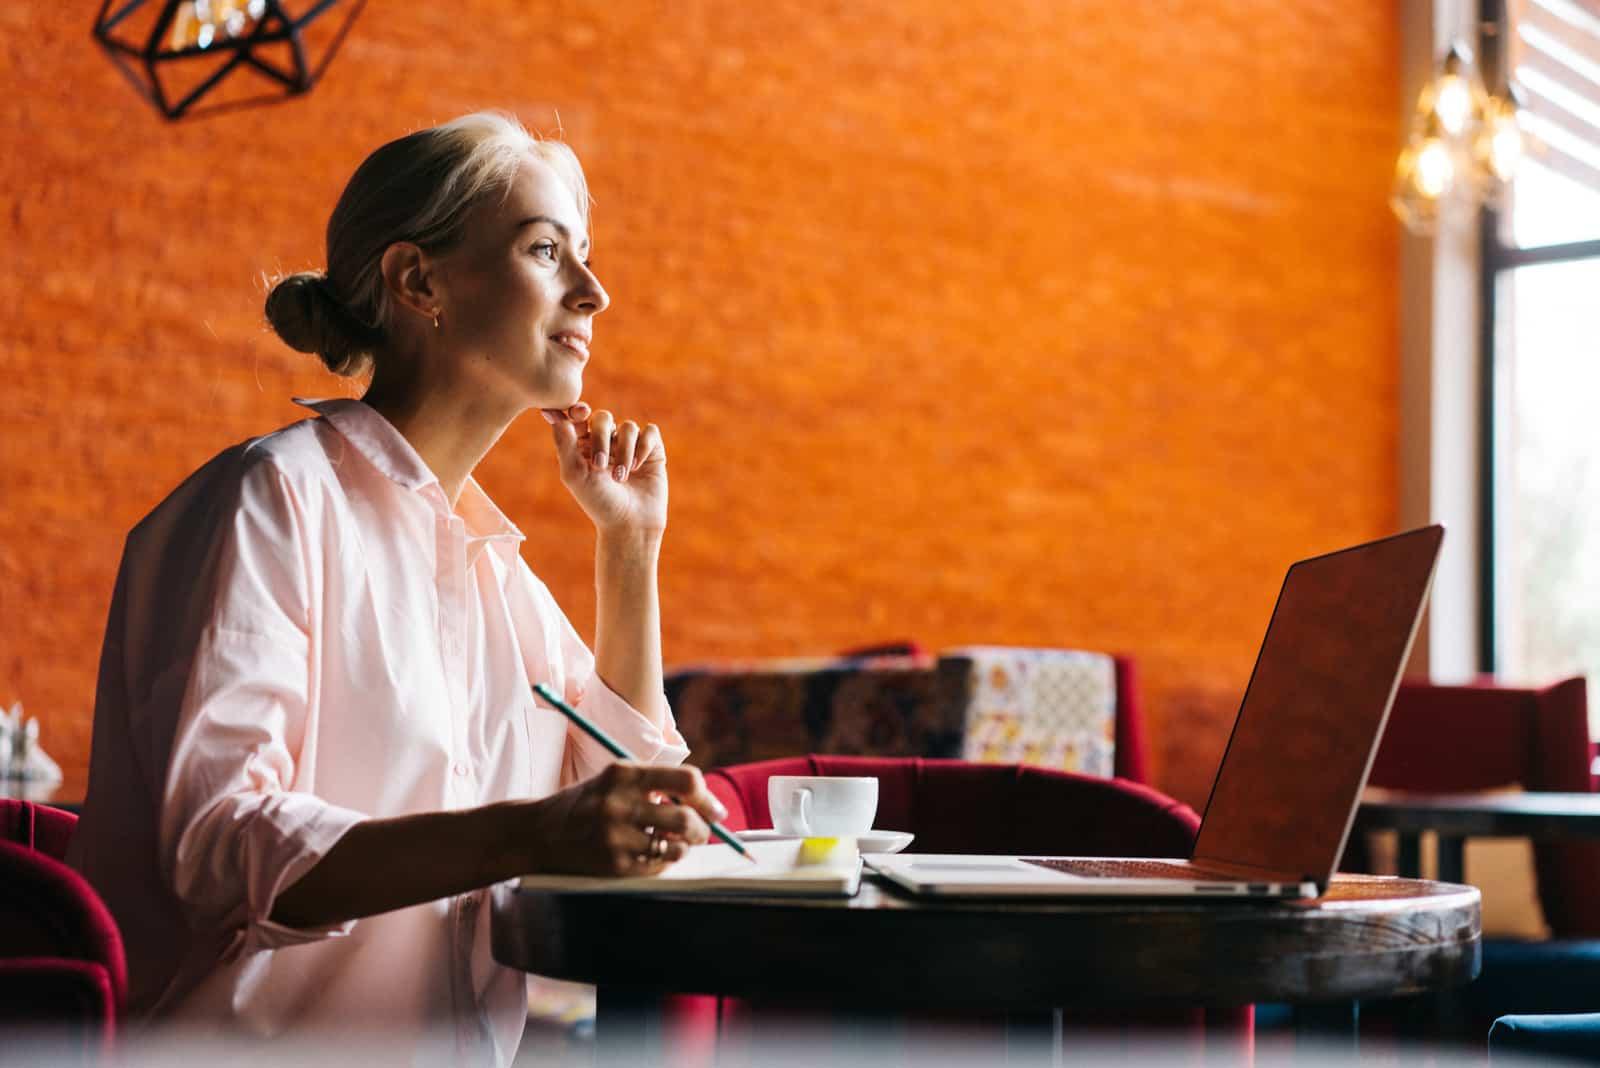 une femme est assise à une table et écrit une chanson